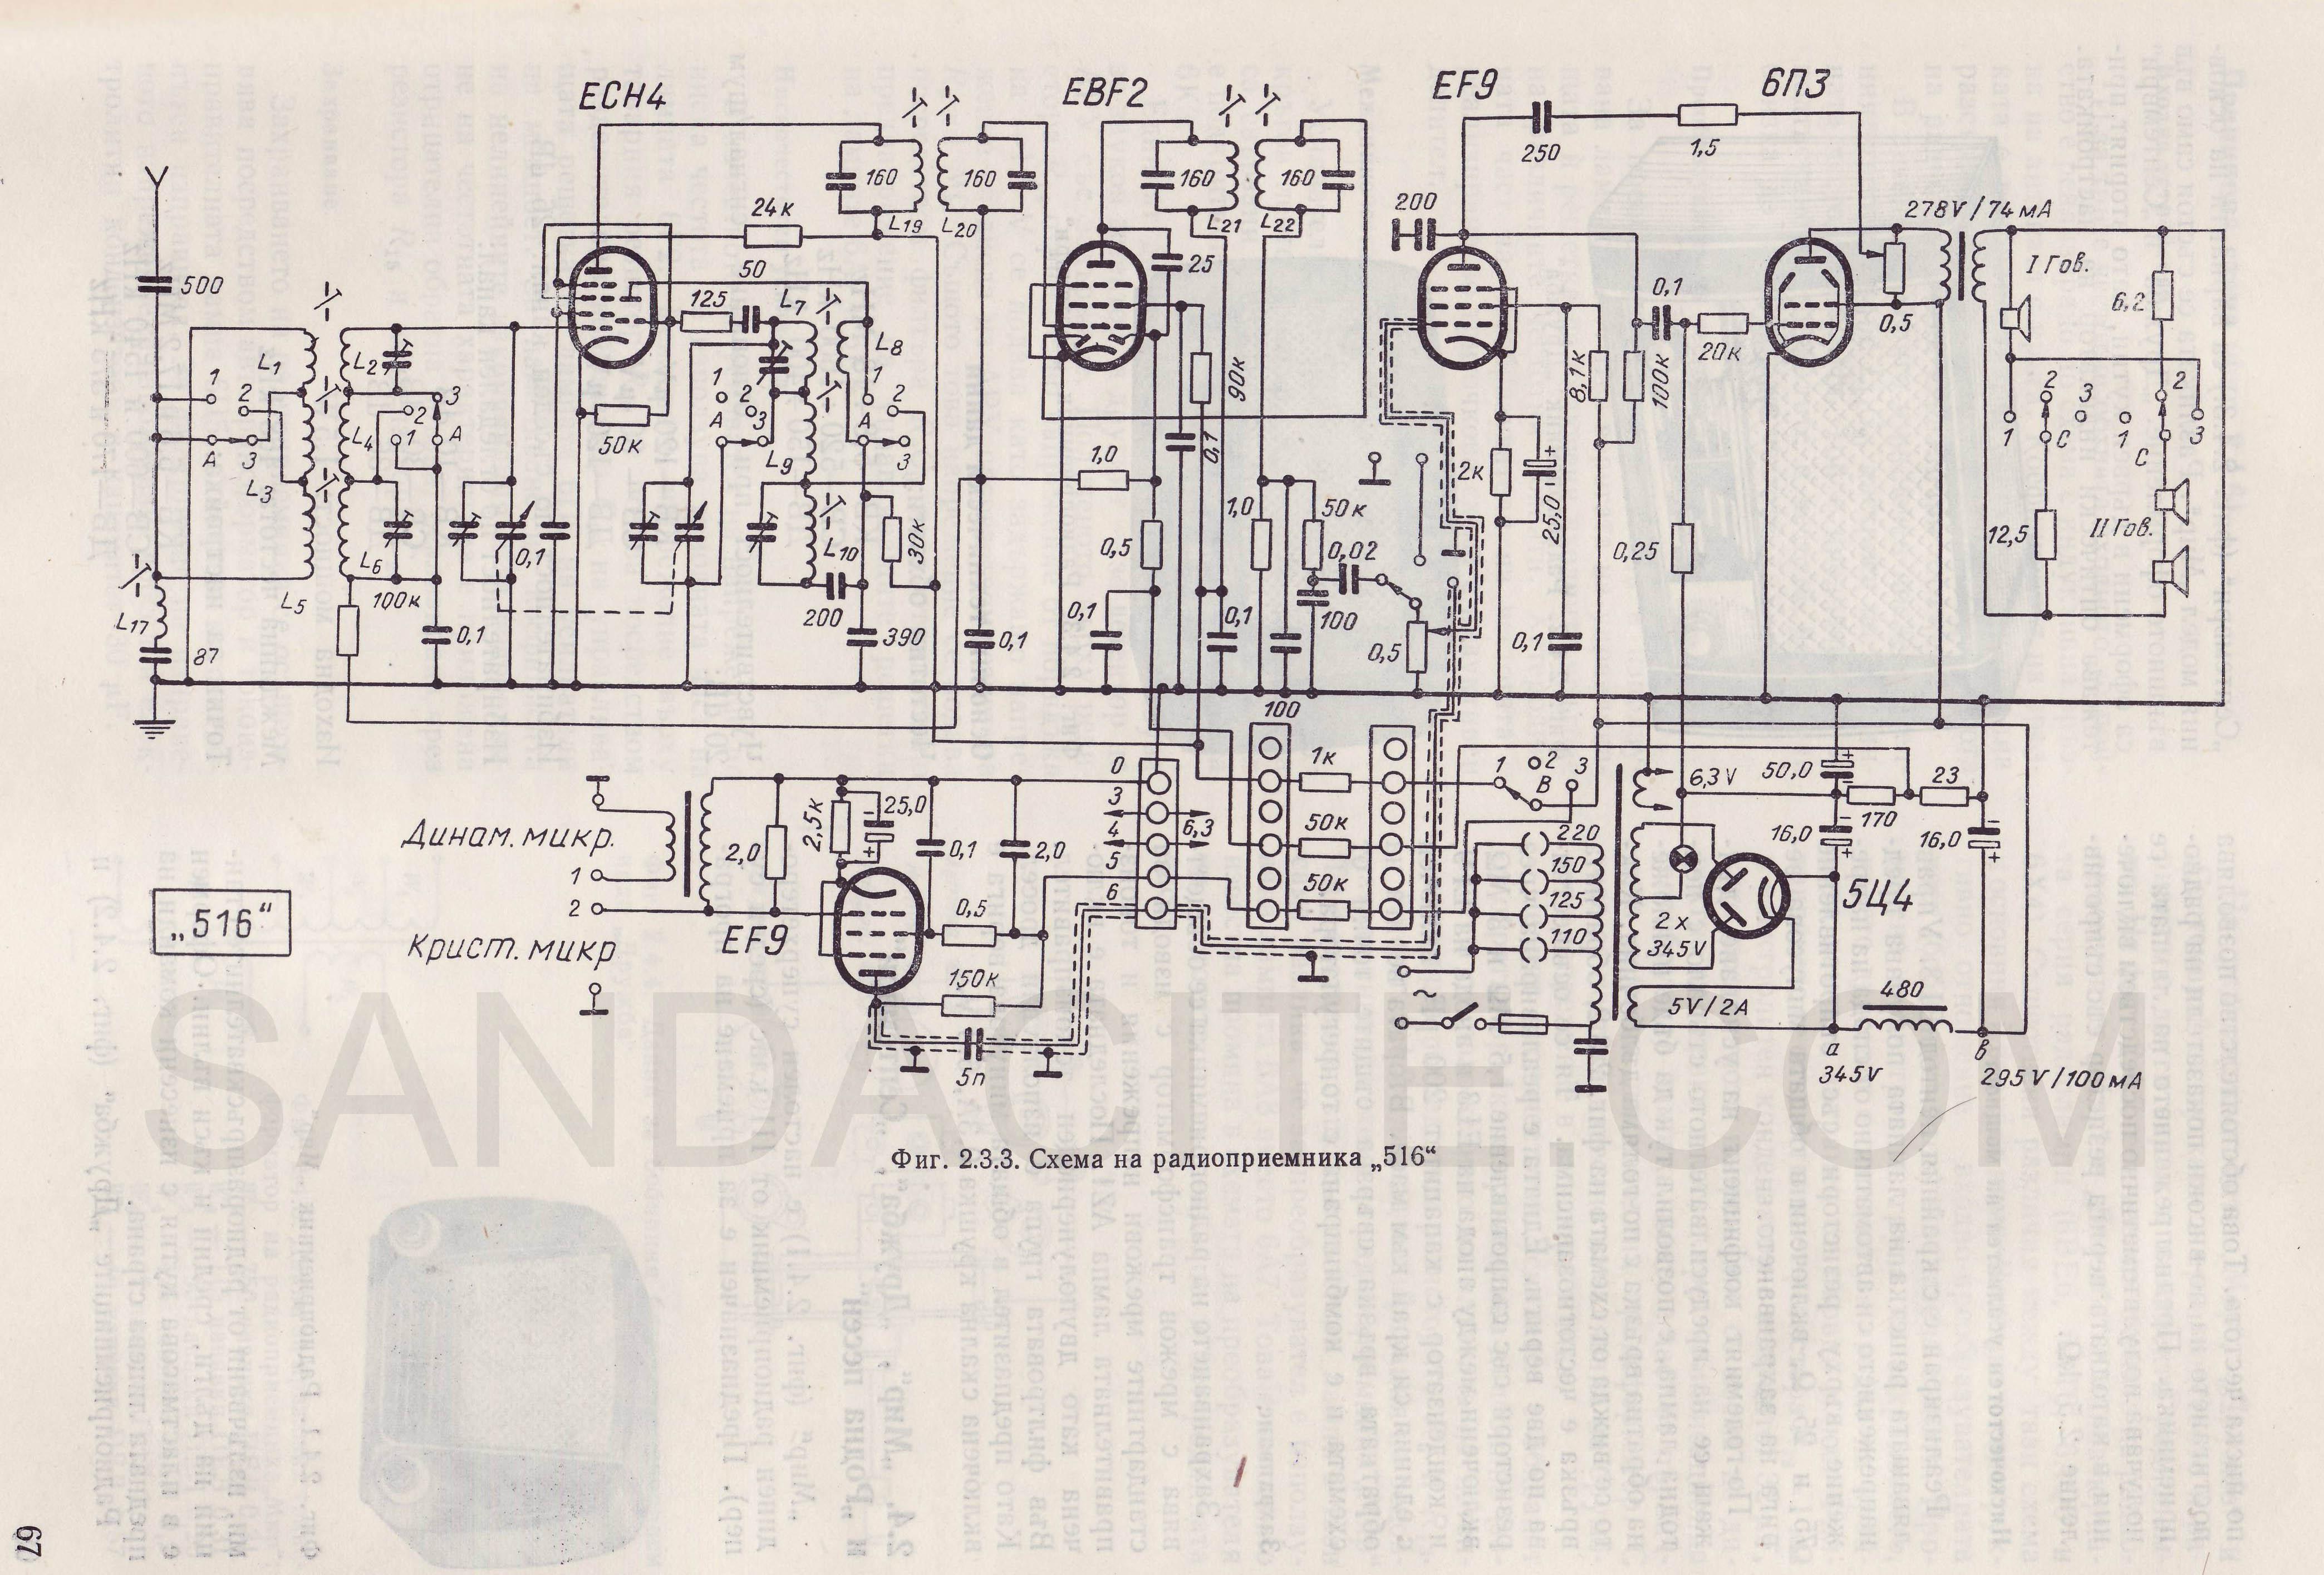 Ворошилов тип 516